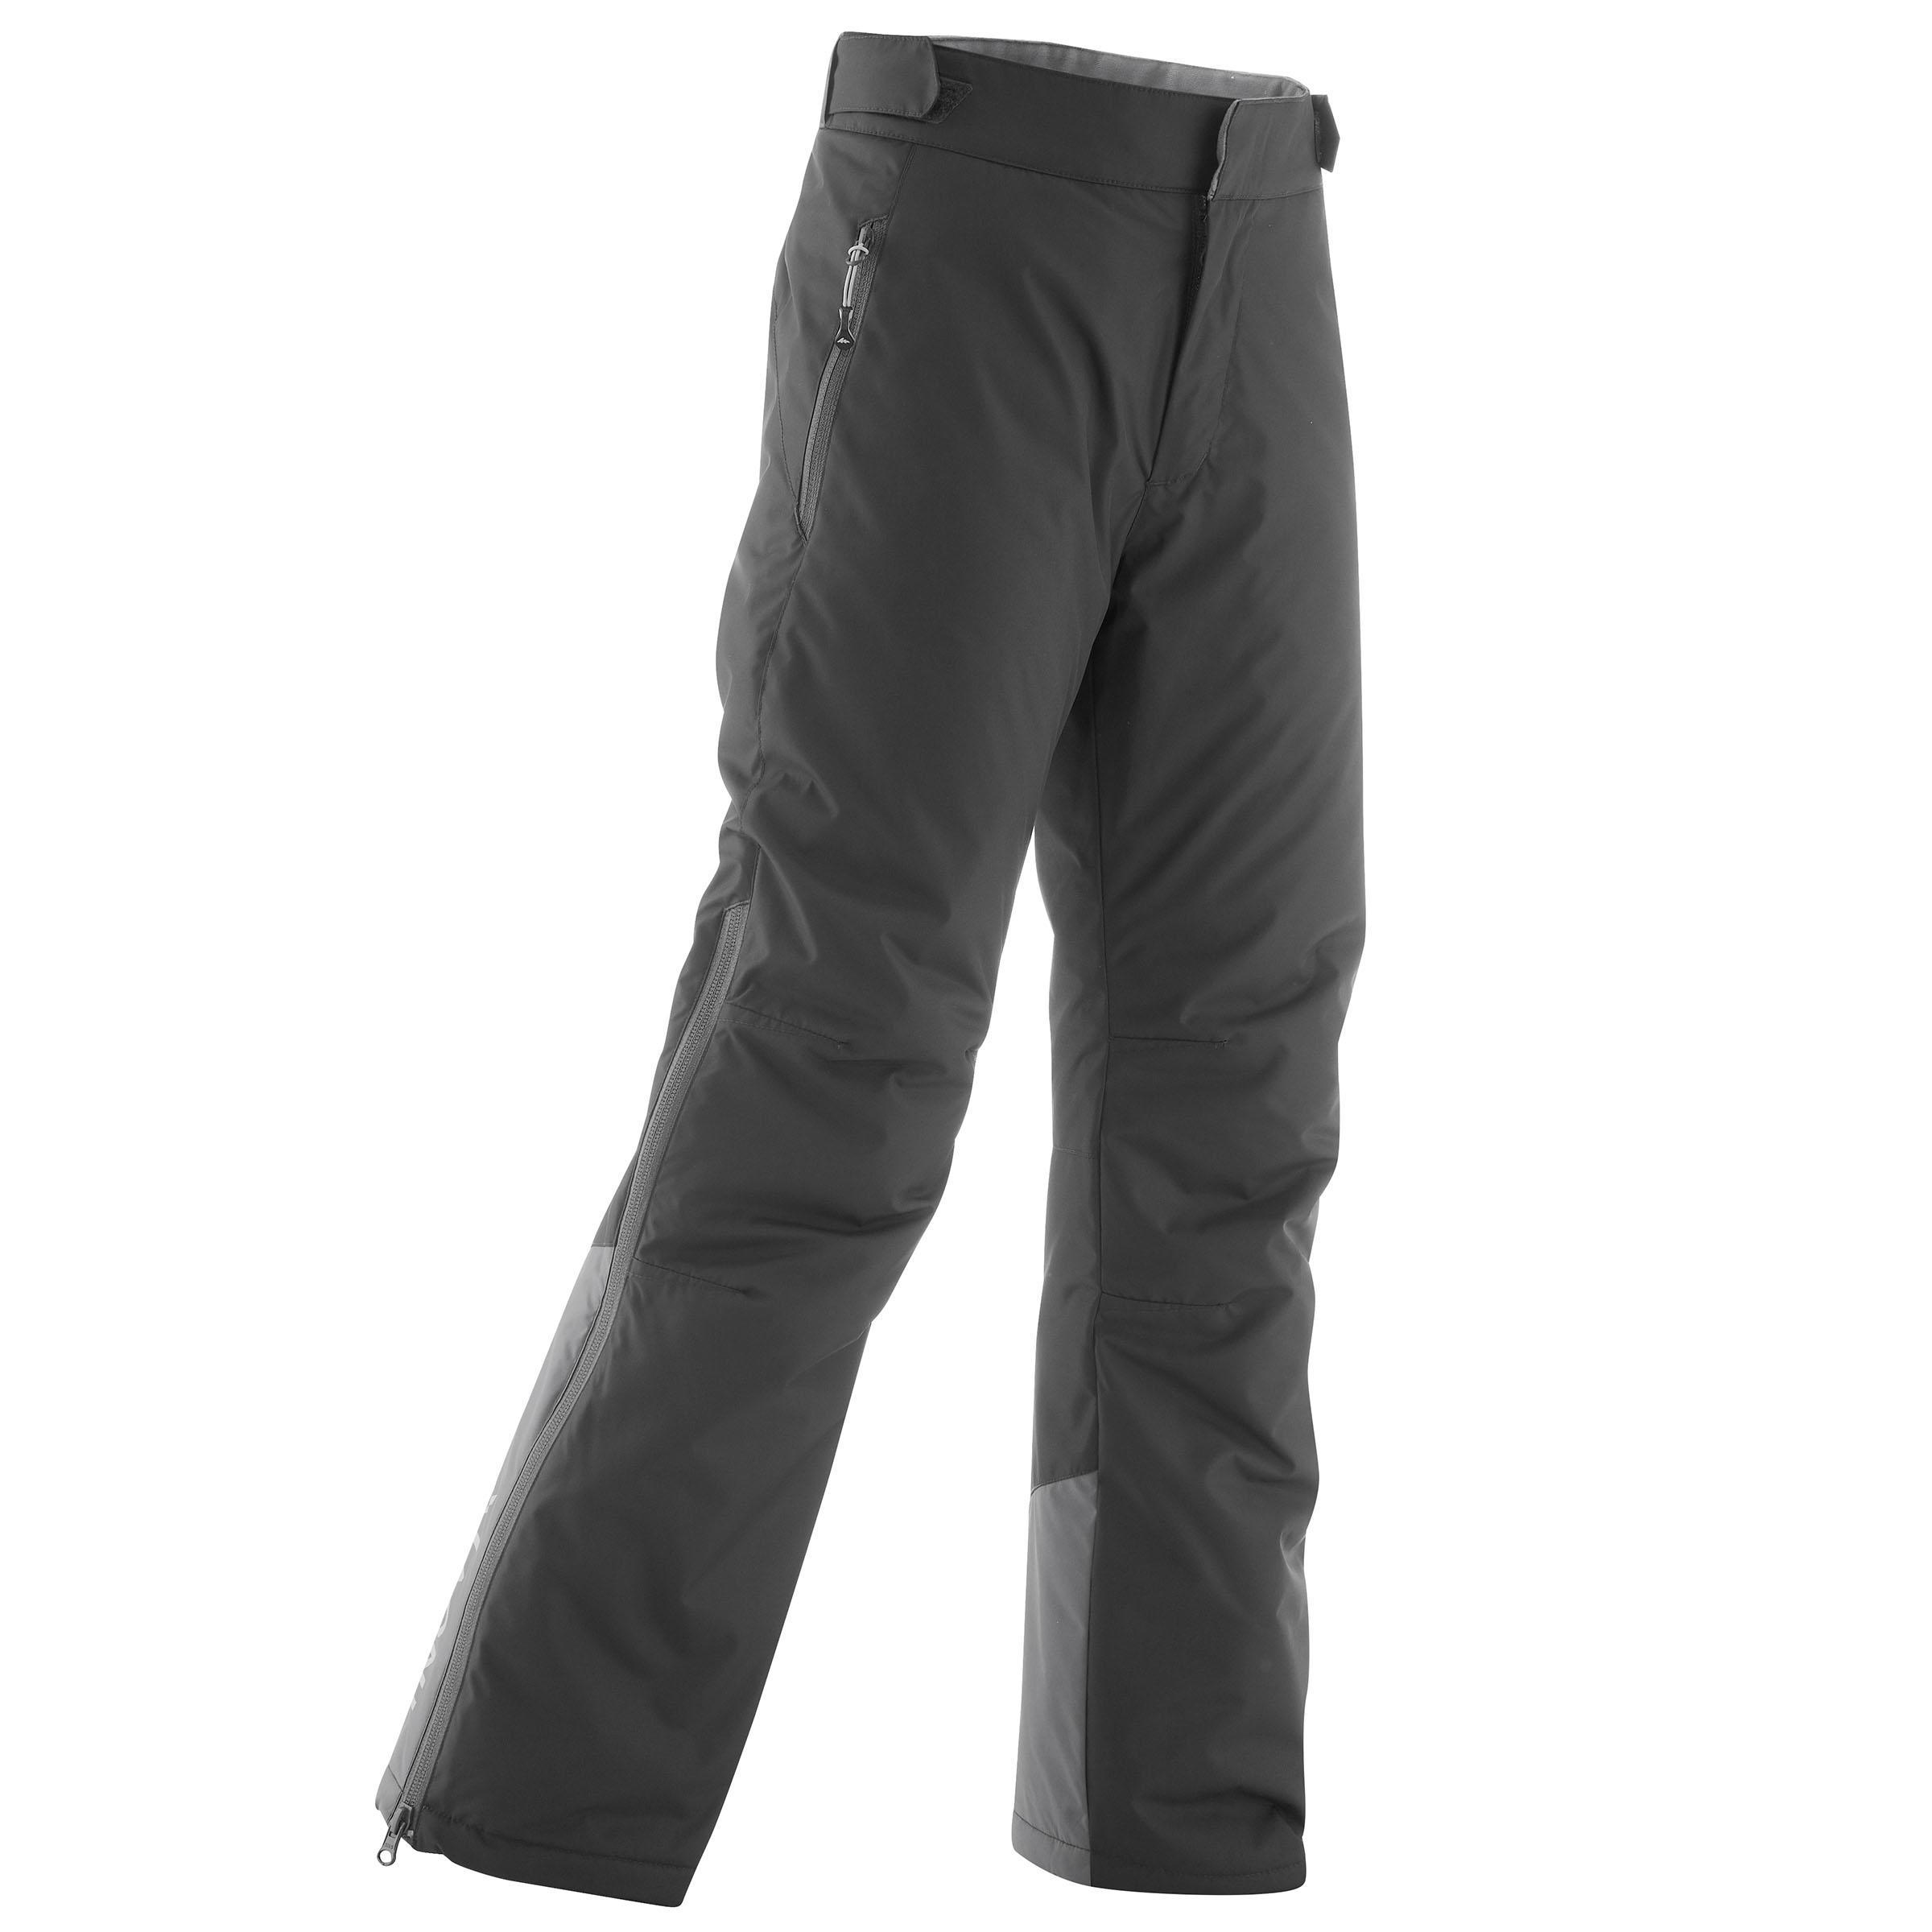 Pantalon de ski de fond junior XC S PANT 100 gris